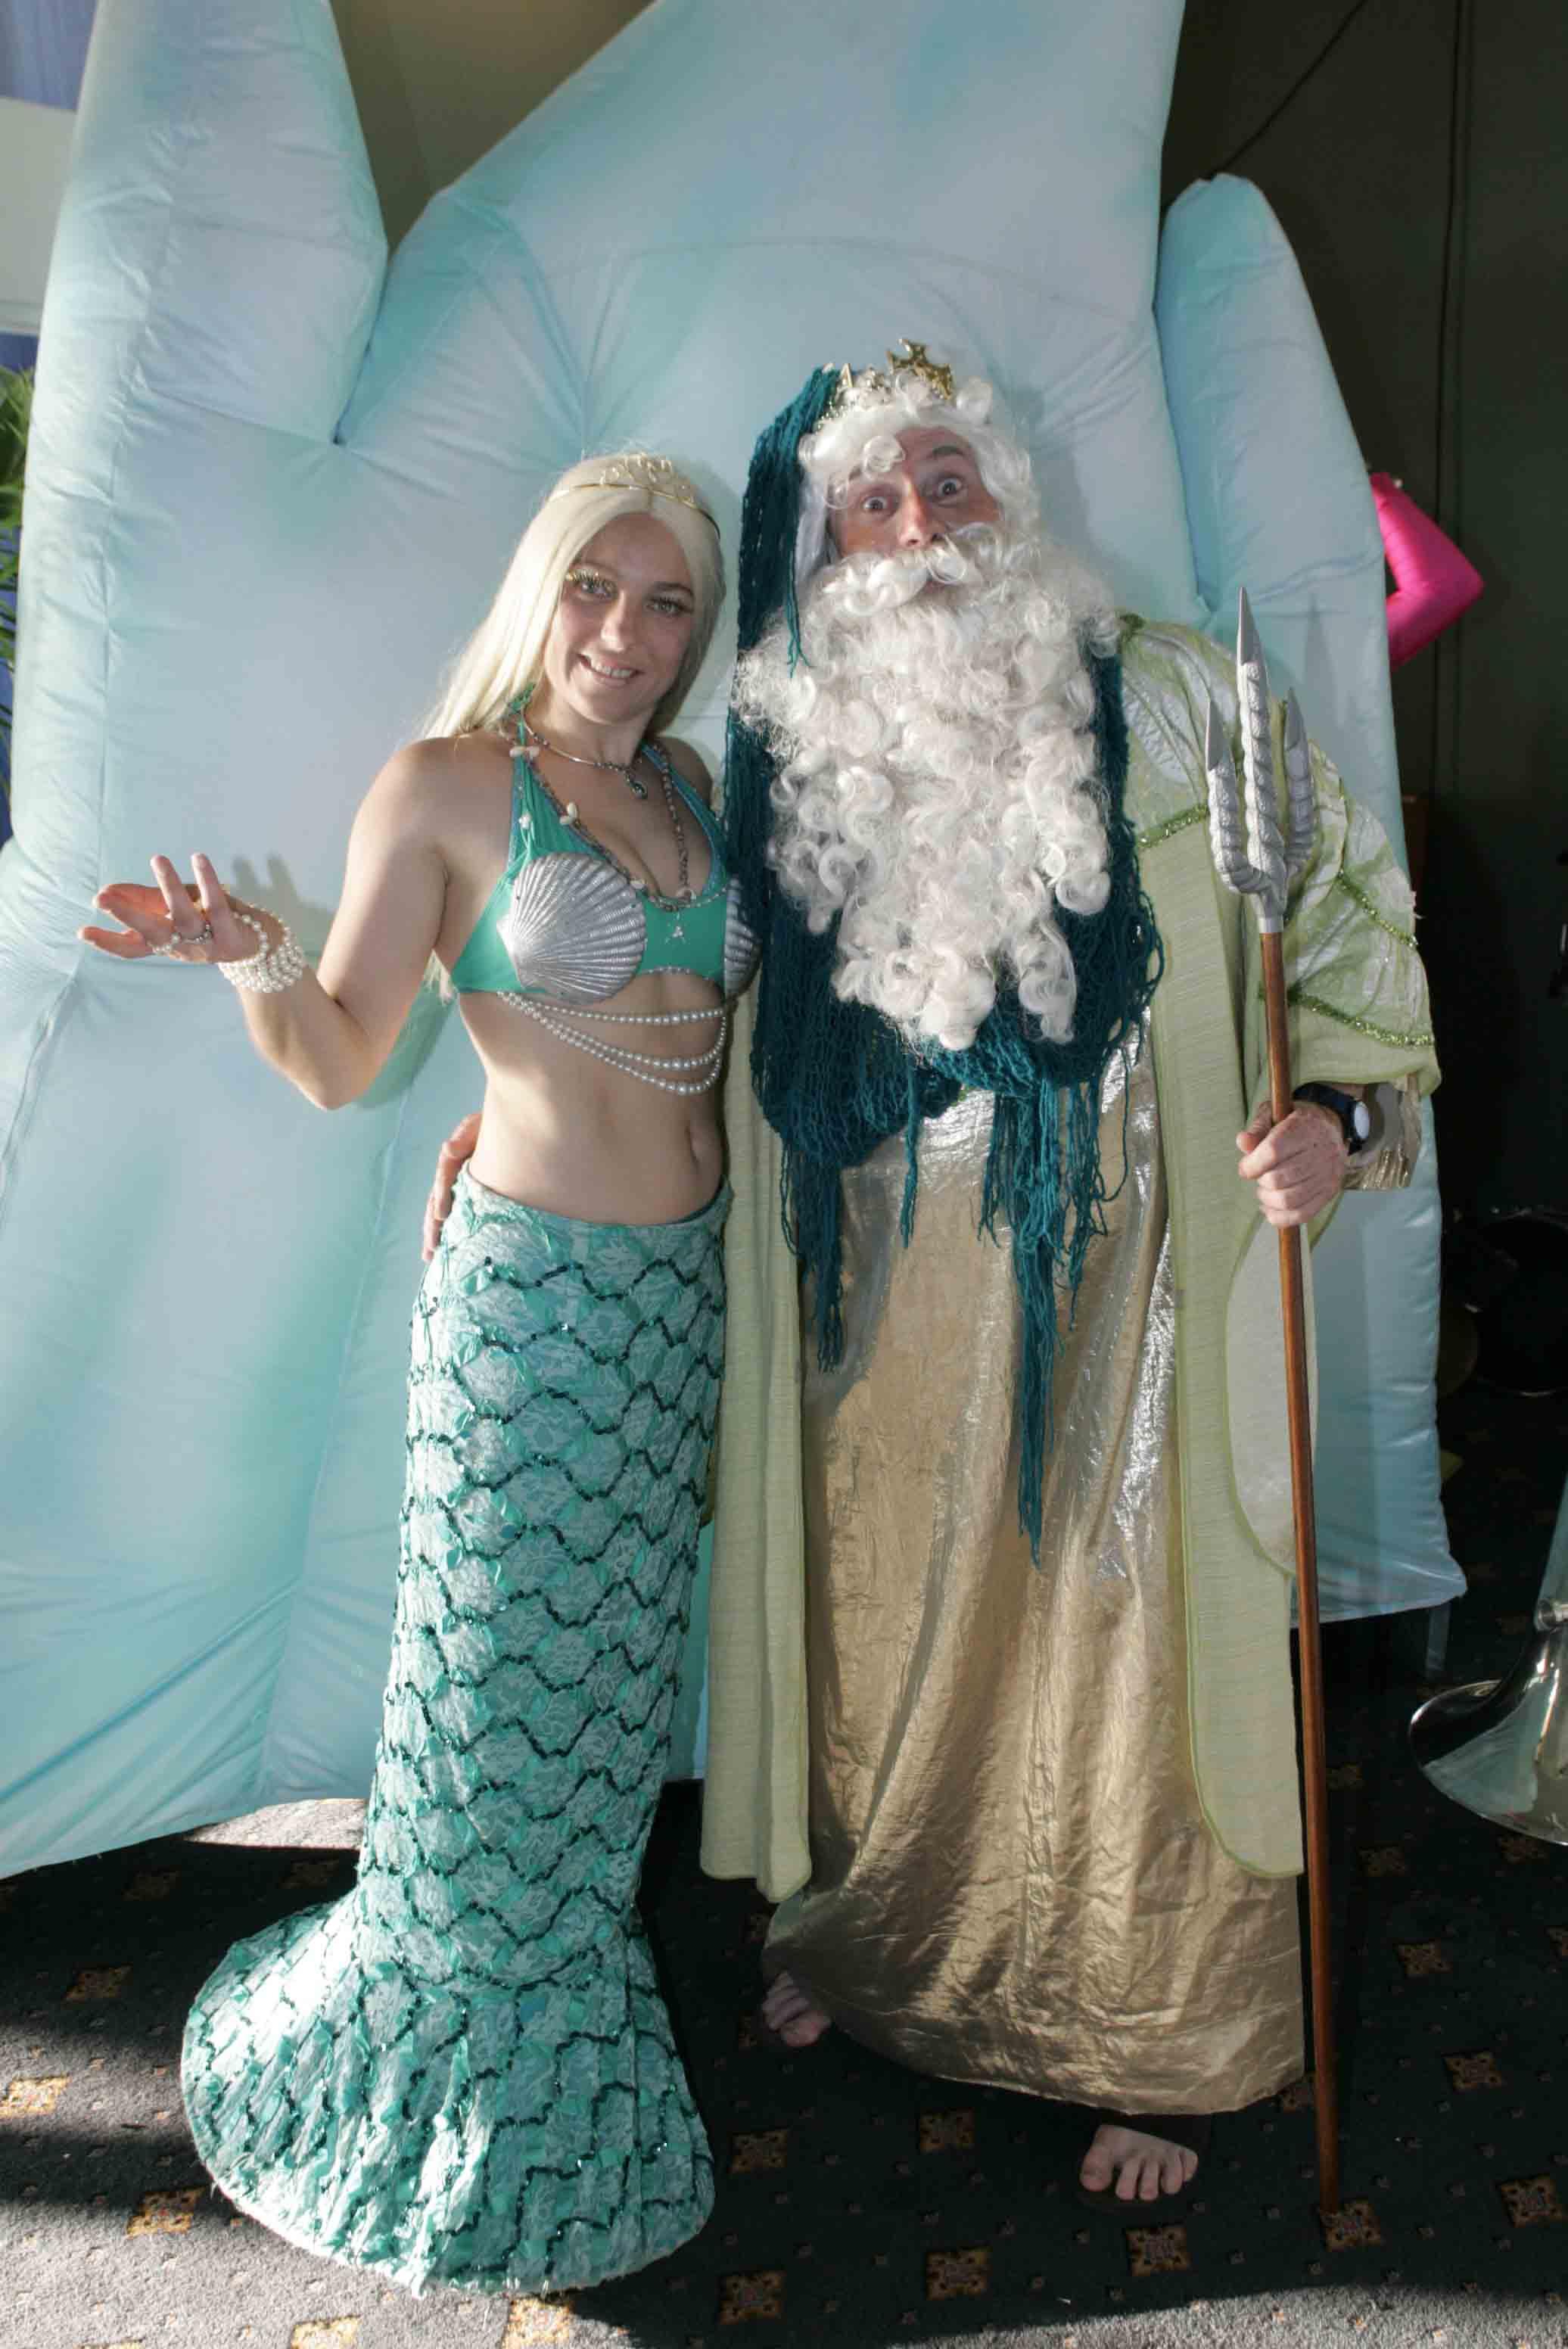 Neptune & Mermaid